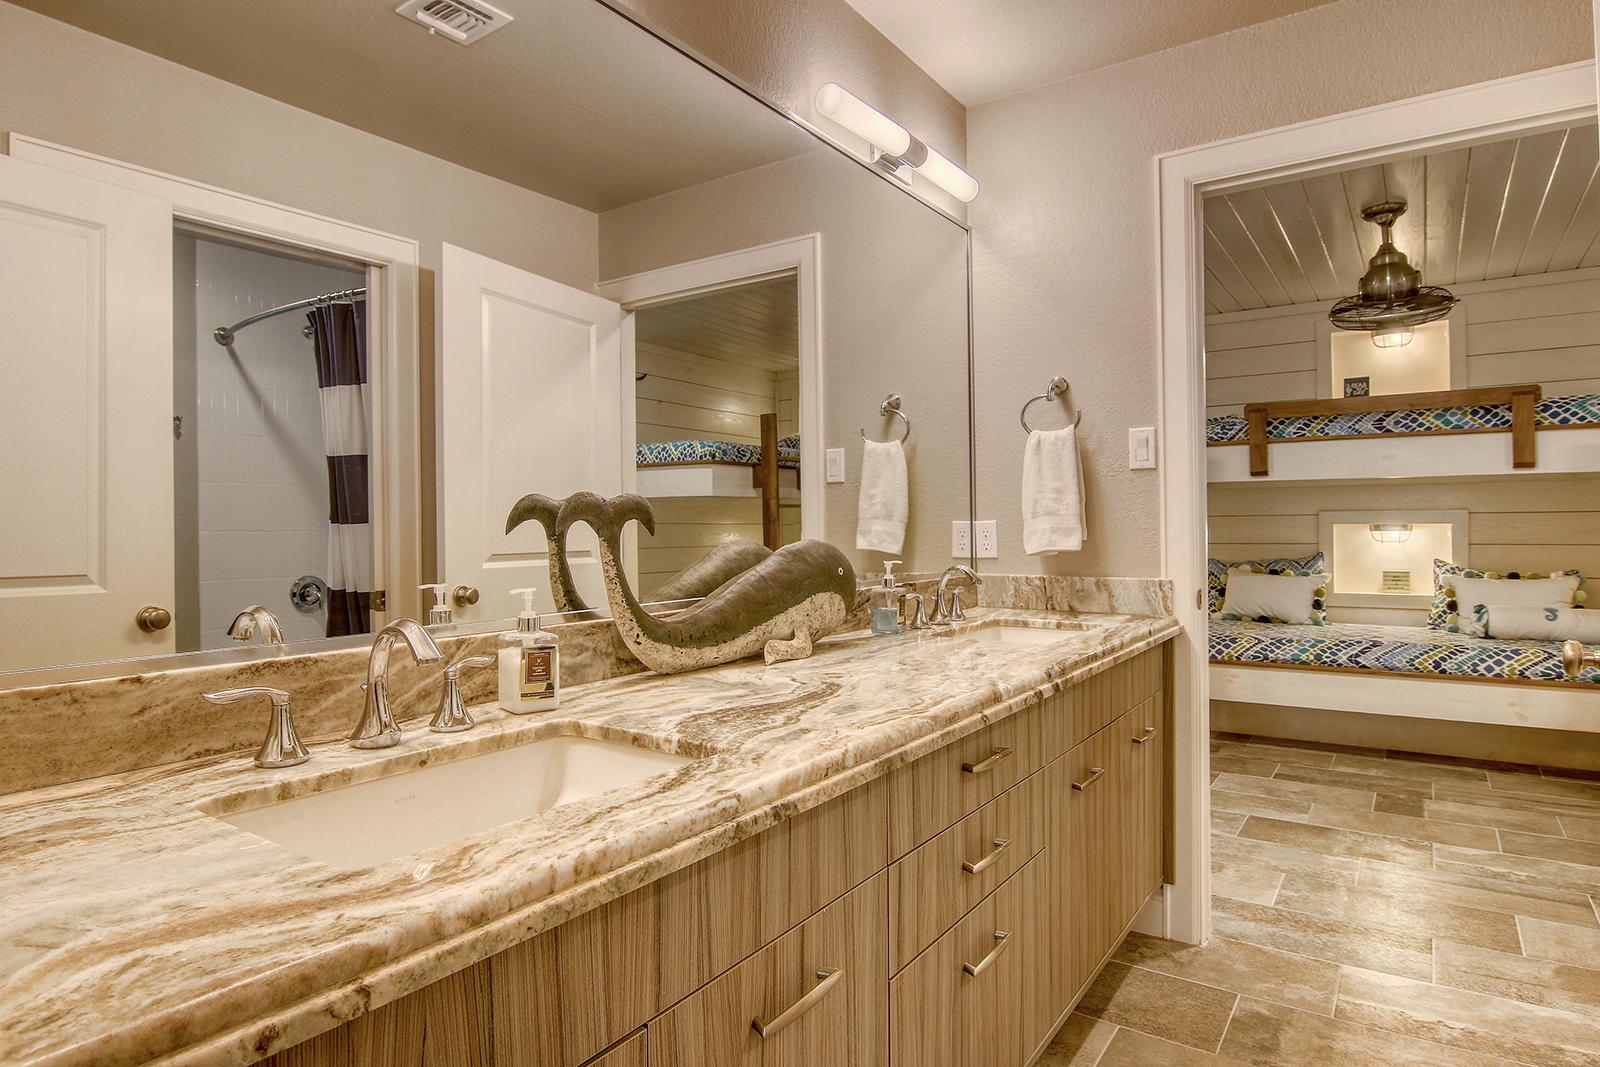 Jack and Jill Bathroom.jpeg